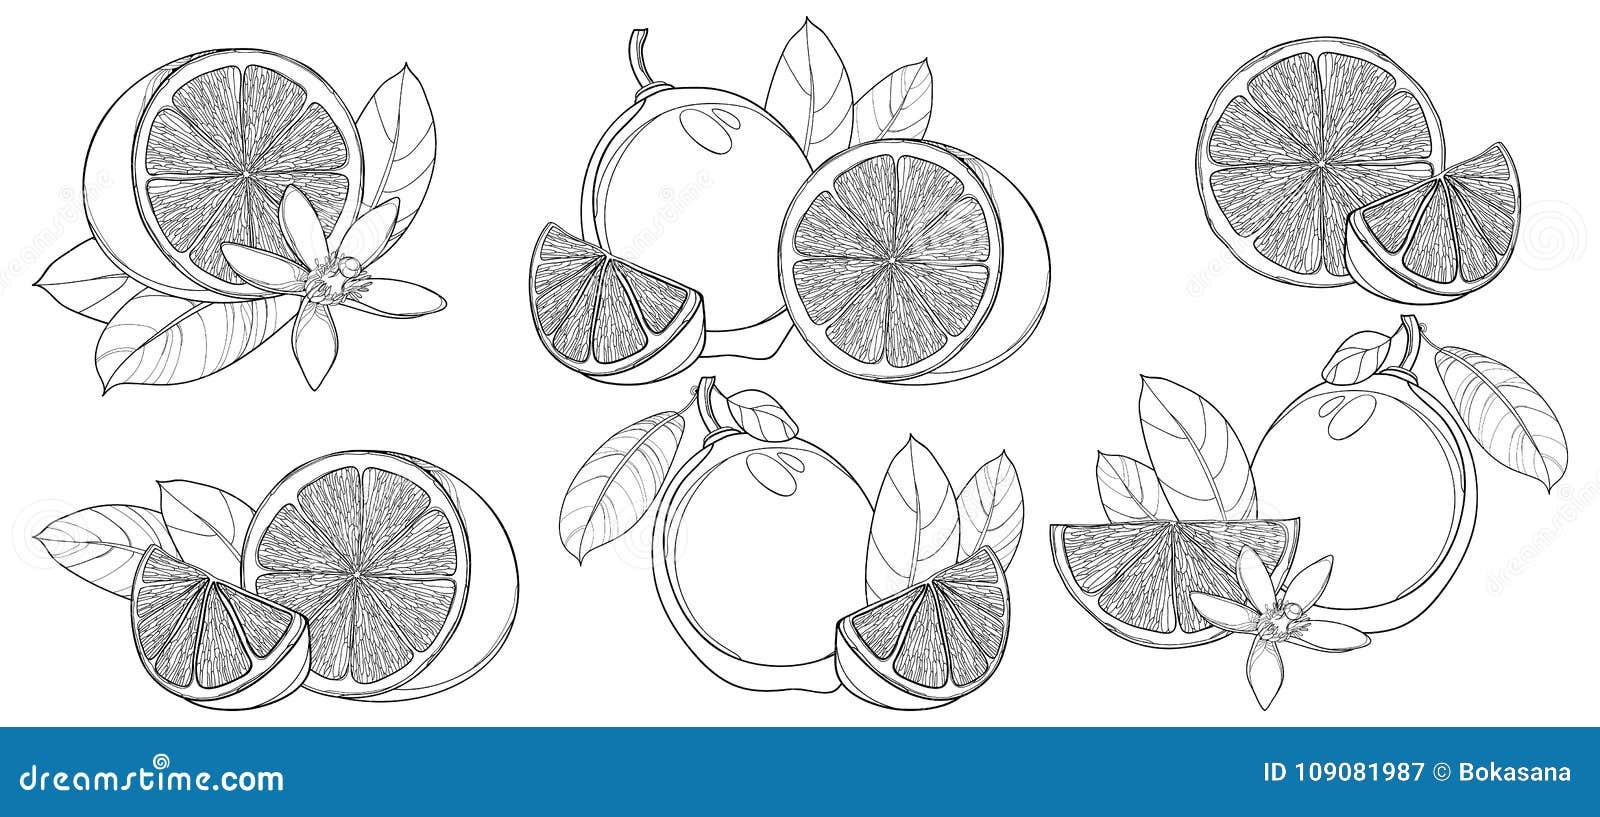 Vektorsatz mit Entwurf Kalk lokalisiert auf weißem Hintergrund Umreißen Sie halbe und ganze Frucht, Scheibe, Blatt und Kalkblume